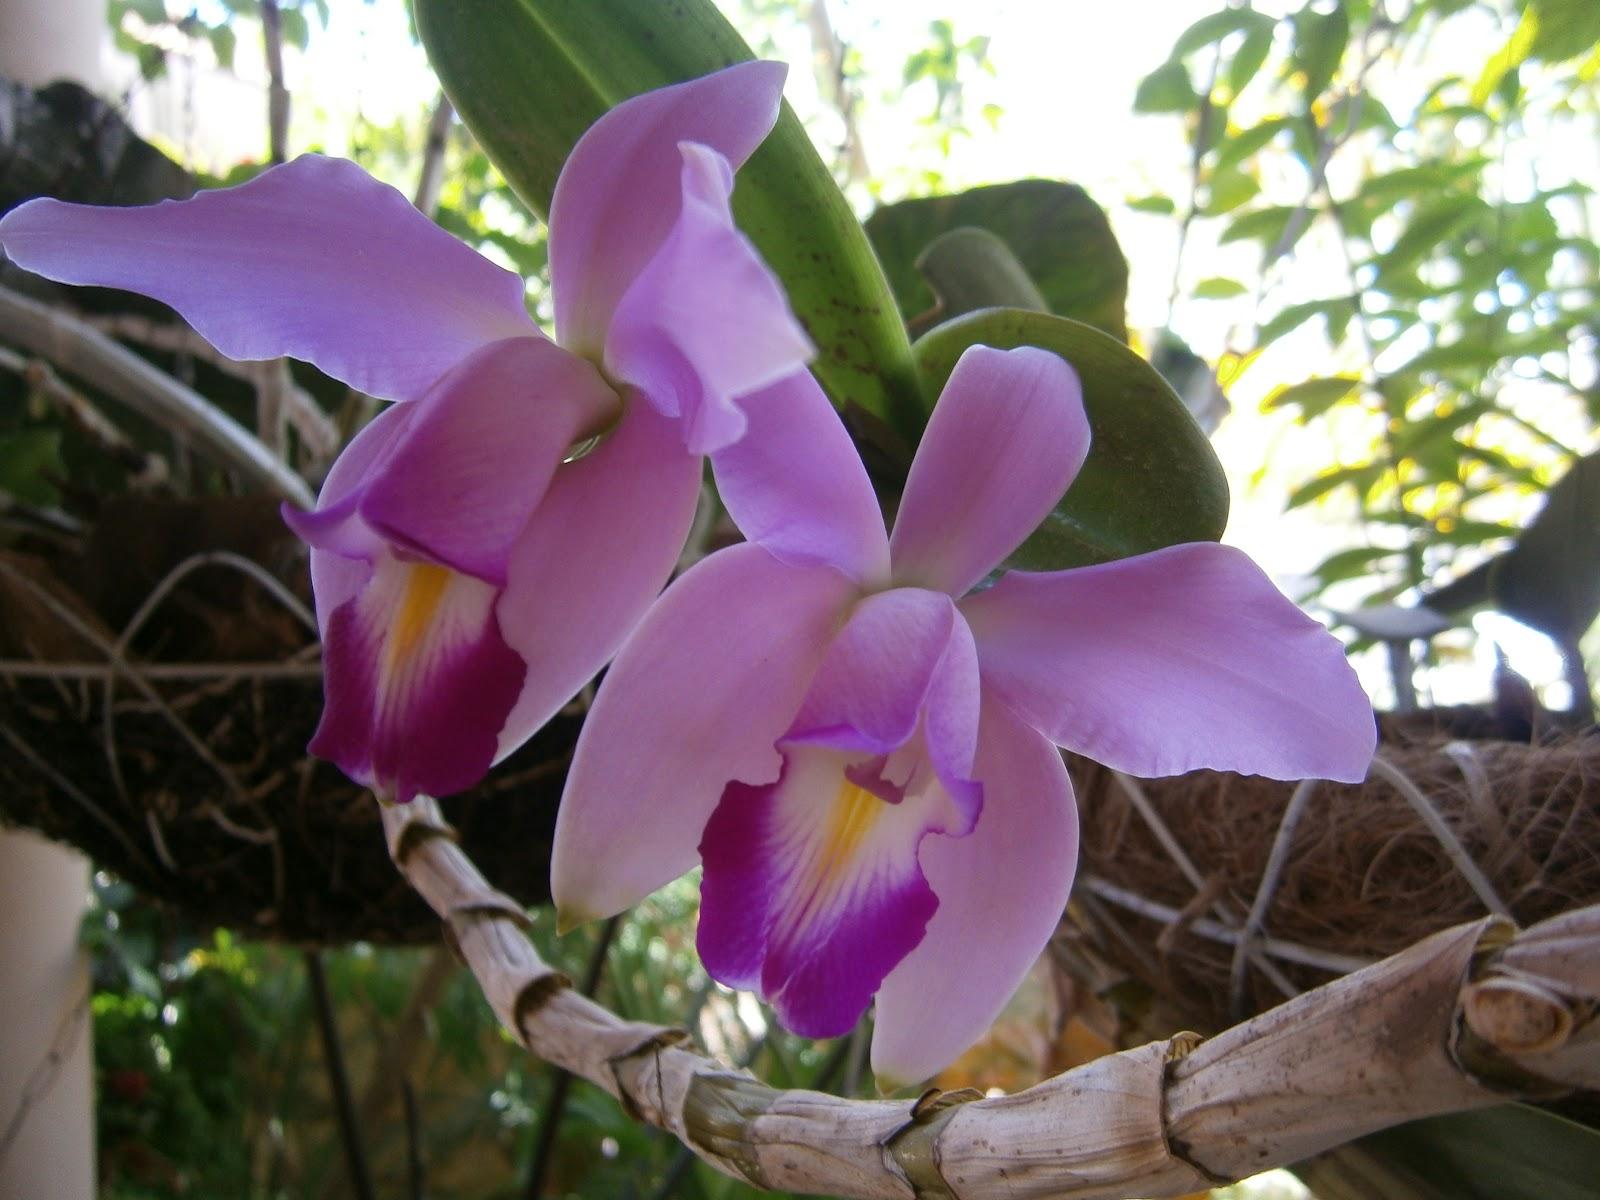 Orquídeas: principais espécies e segredos para cuidar das